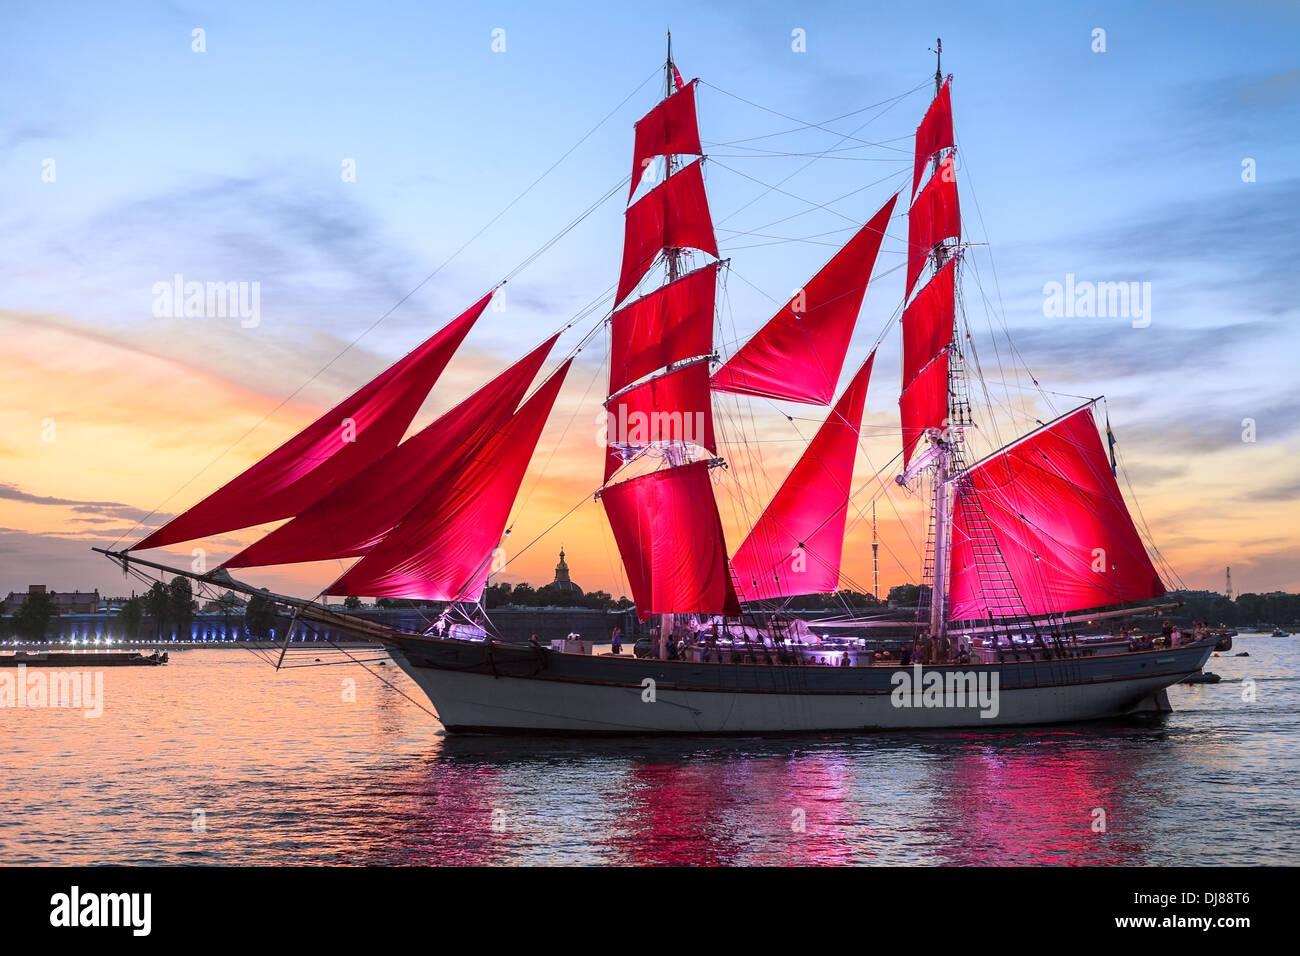 Feier Scarlet Sails zeigen während der White Nights Festival, St. Petersburg, Russland. Schiff über Sonnenuntergang Himmel Stockbild